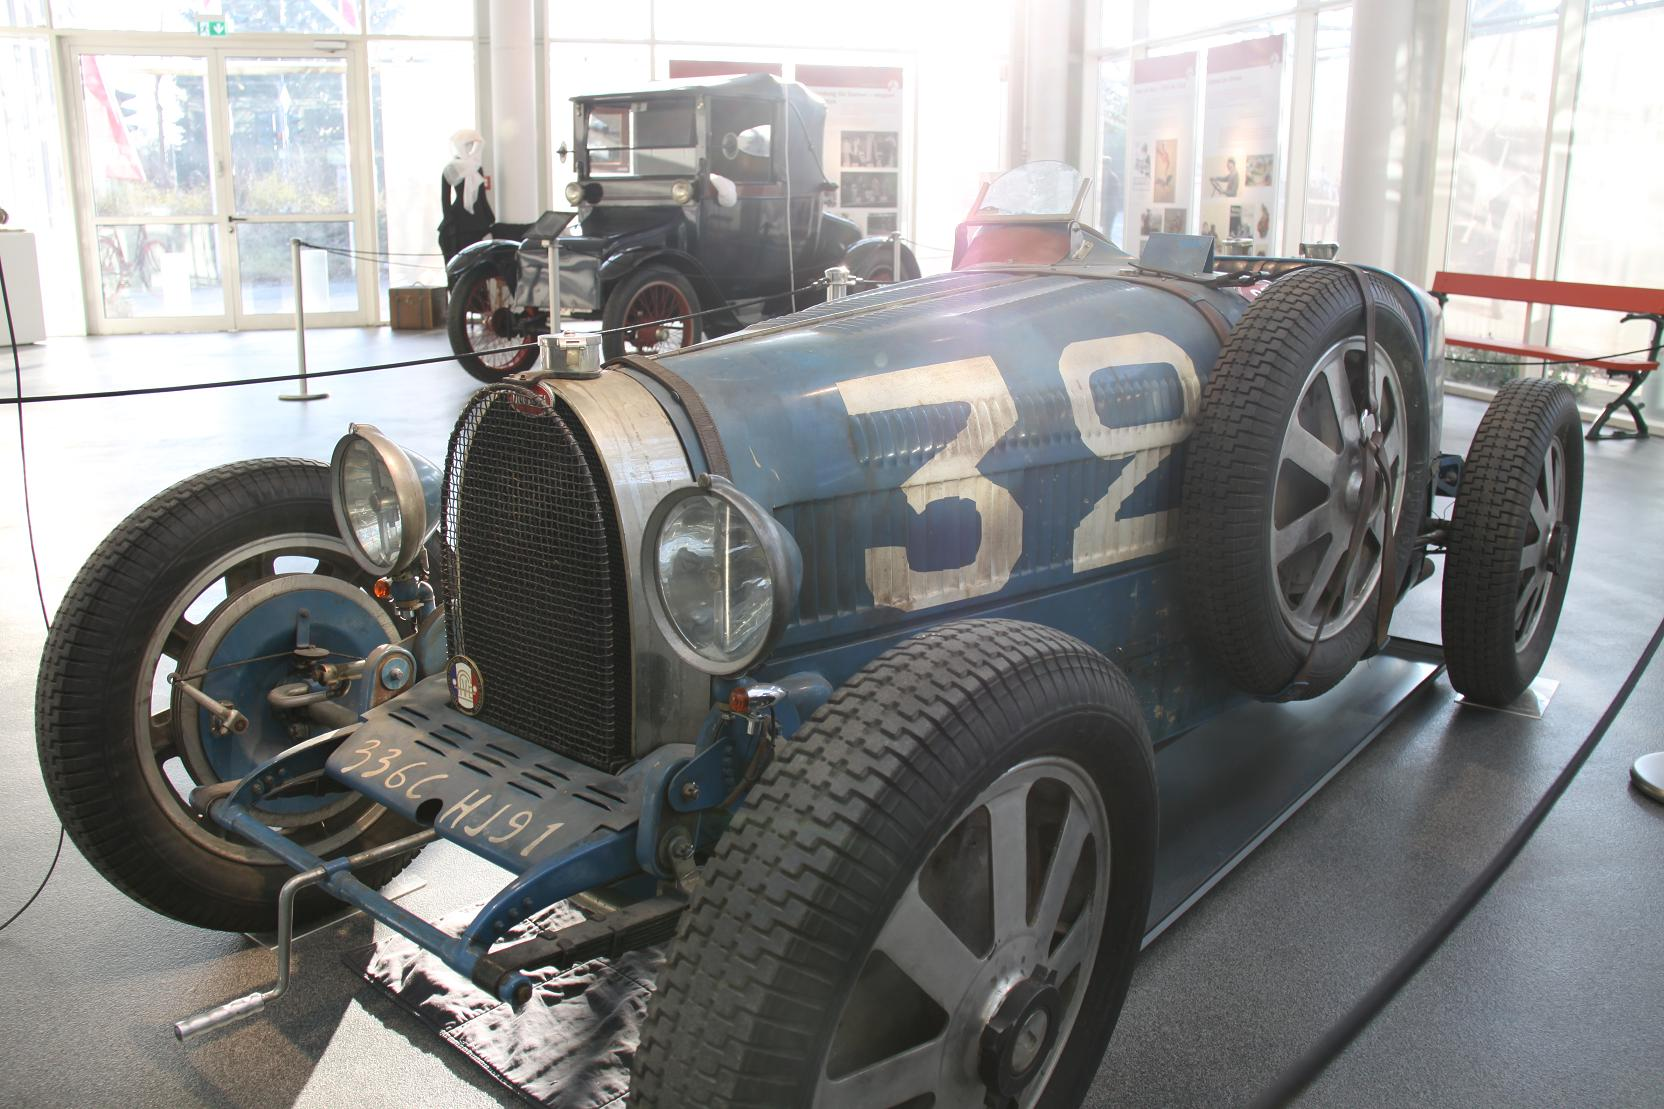 Elisabeth Junek teilte die Leidenschaft für Bugatti mit ihrem Mann Vincenz. Zeitweise besaß das Paar drei Bugattis, mit denen sie bei Berg- und Rundstreckenrennen siegreich waren. Übrigens: im Hintergrund ein Detroit Electric von 1909 – die Idee des Elektroautos ist gar nicht so neu.